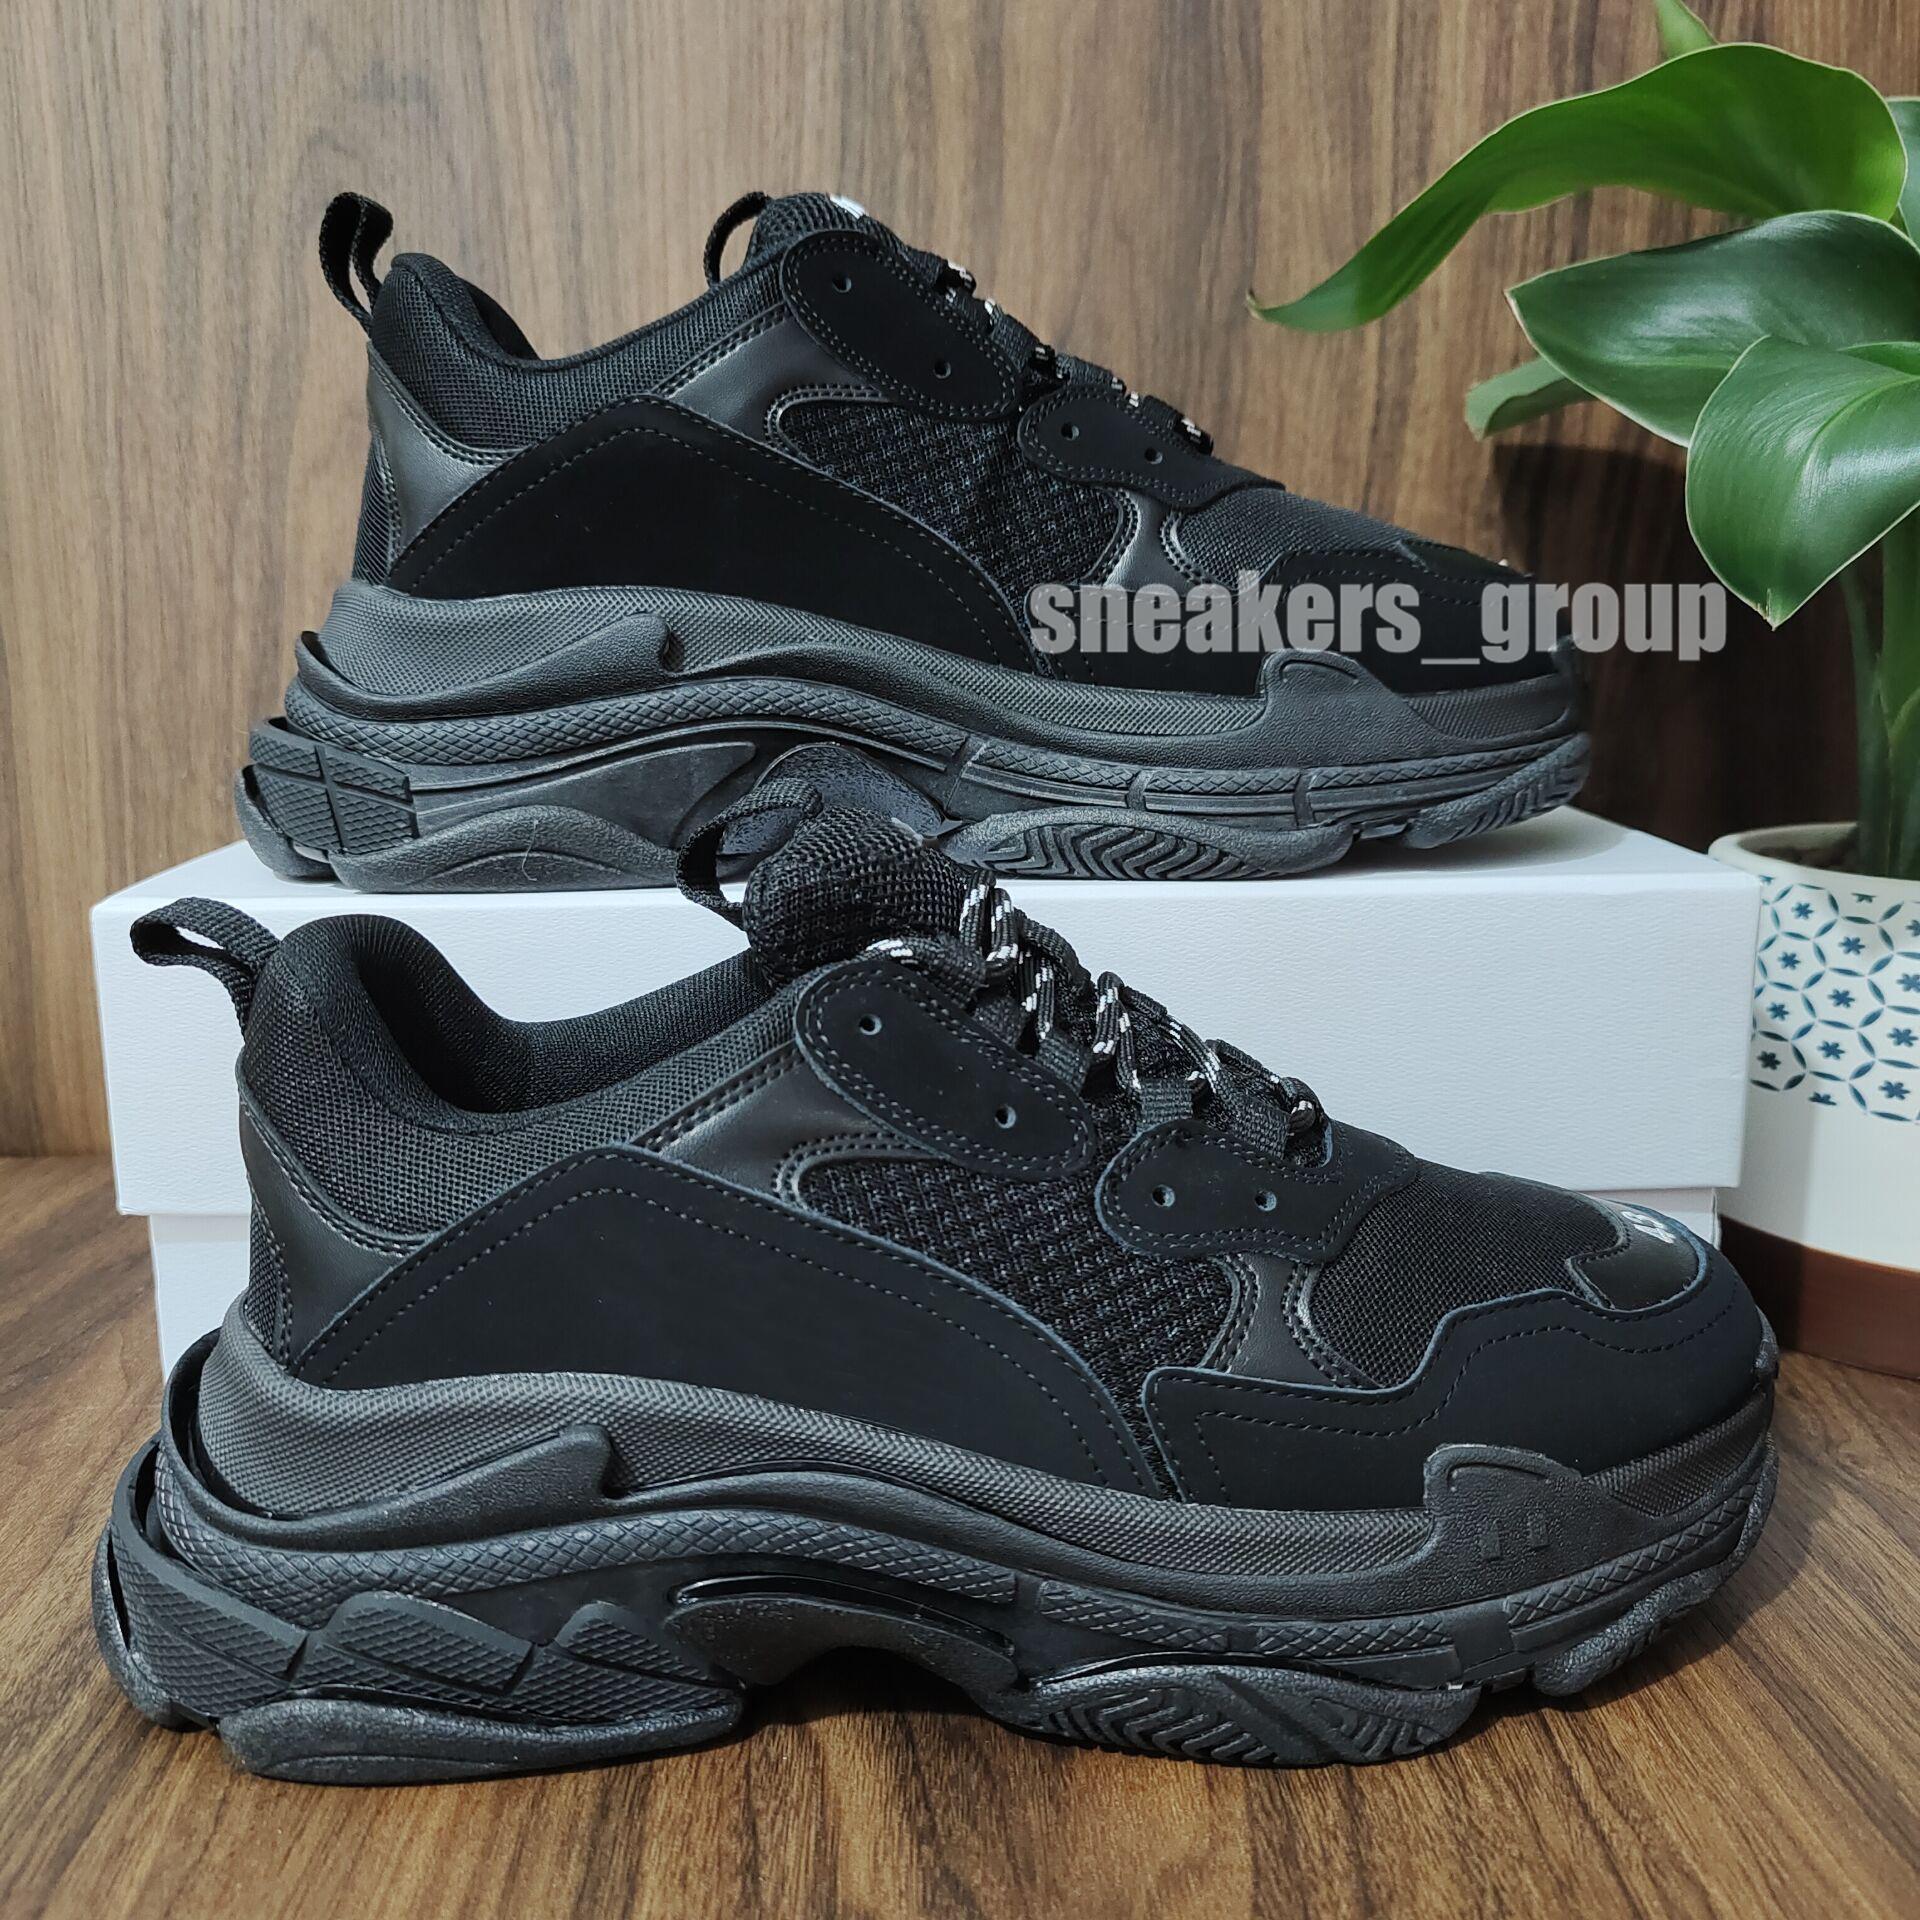 أعلى جودة جديدة باريس الأزياء 17fw الثلاثي s أحذية أحذية الرجال النساء الأسود الأخضر الأبيض خمر القديم أبي الجد عارضة أحذية الحجم 36-45